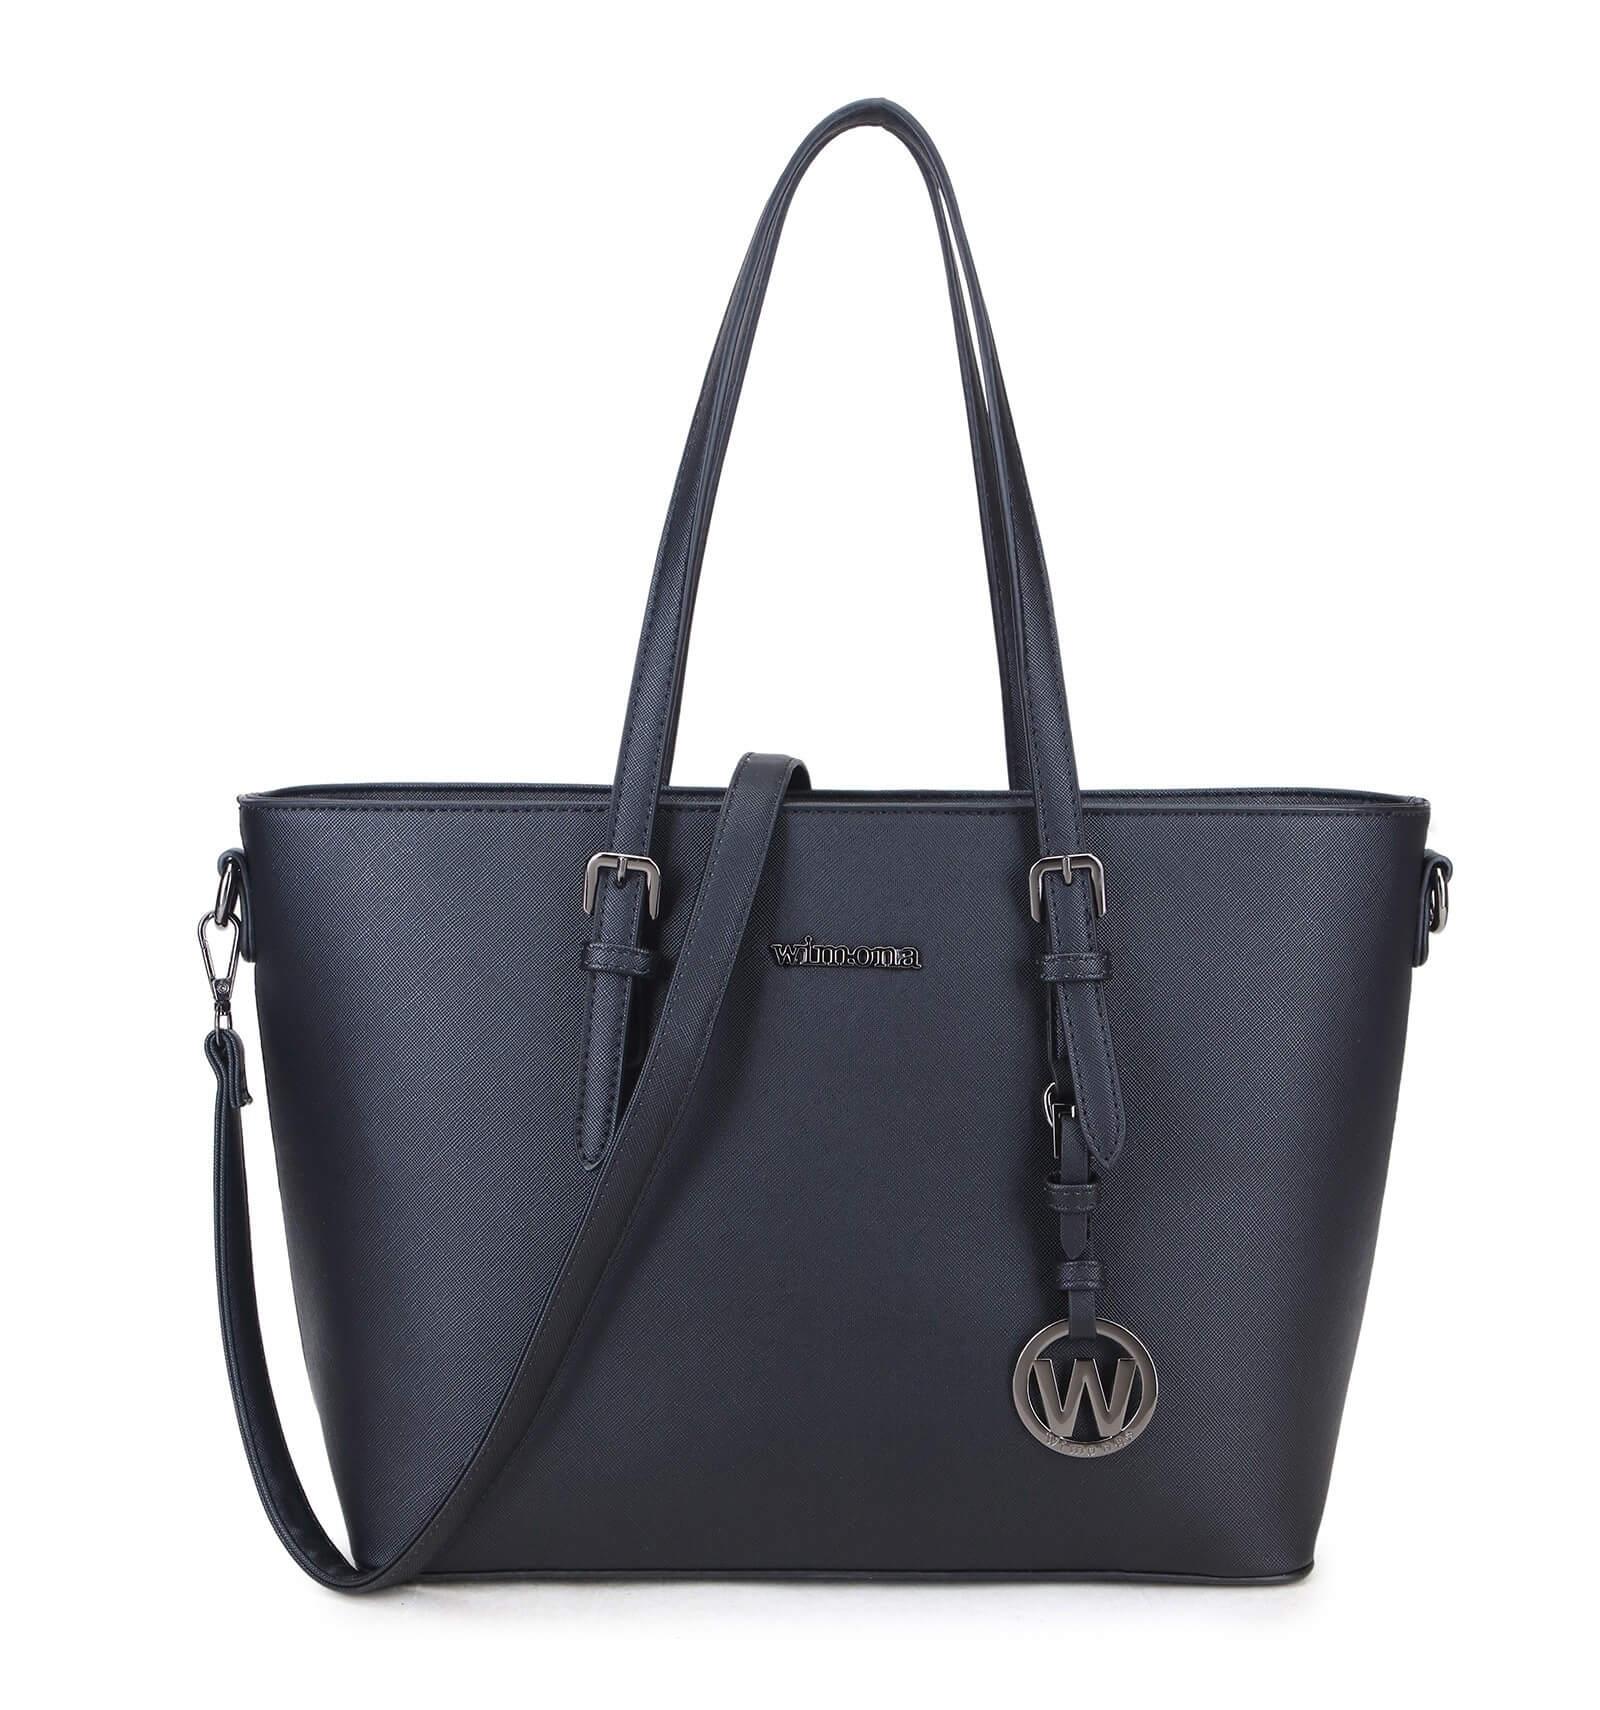 aefb40b0b74 De Wimona 3010 is een prachtige schoudertas/handtas uit de Kyara serie van  Wimona. De tas is gemaakt van stevig kunstleer en heeft een luxe  uitstraling.